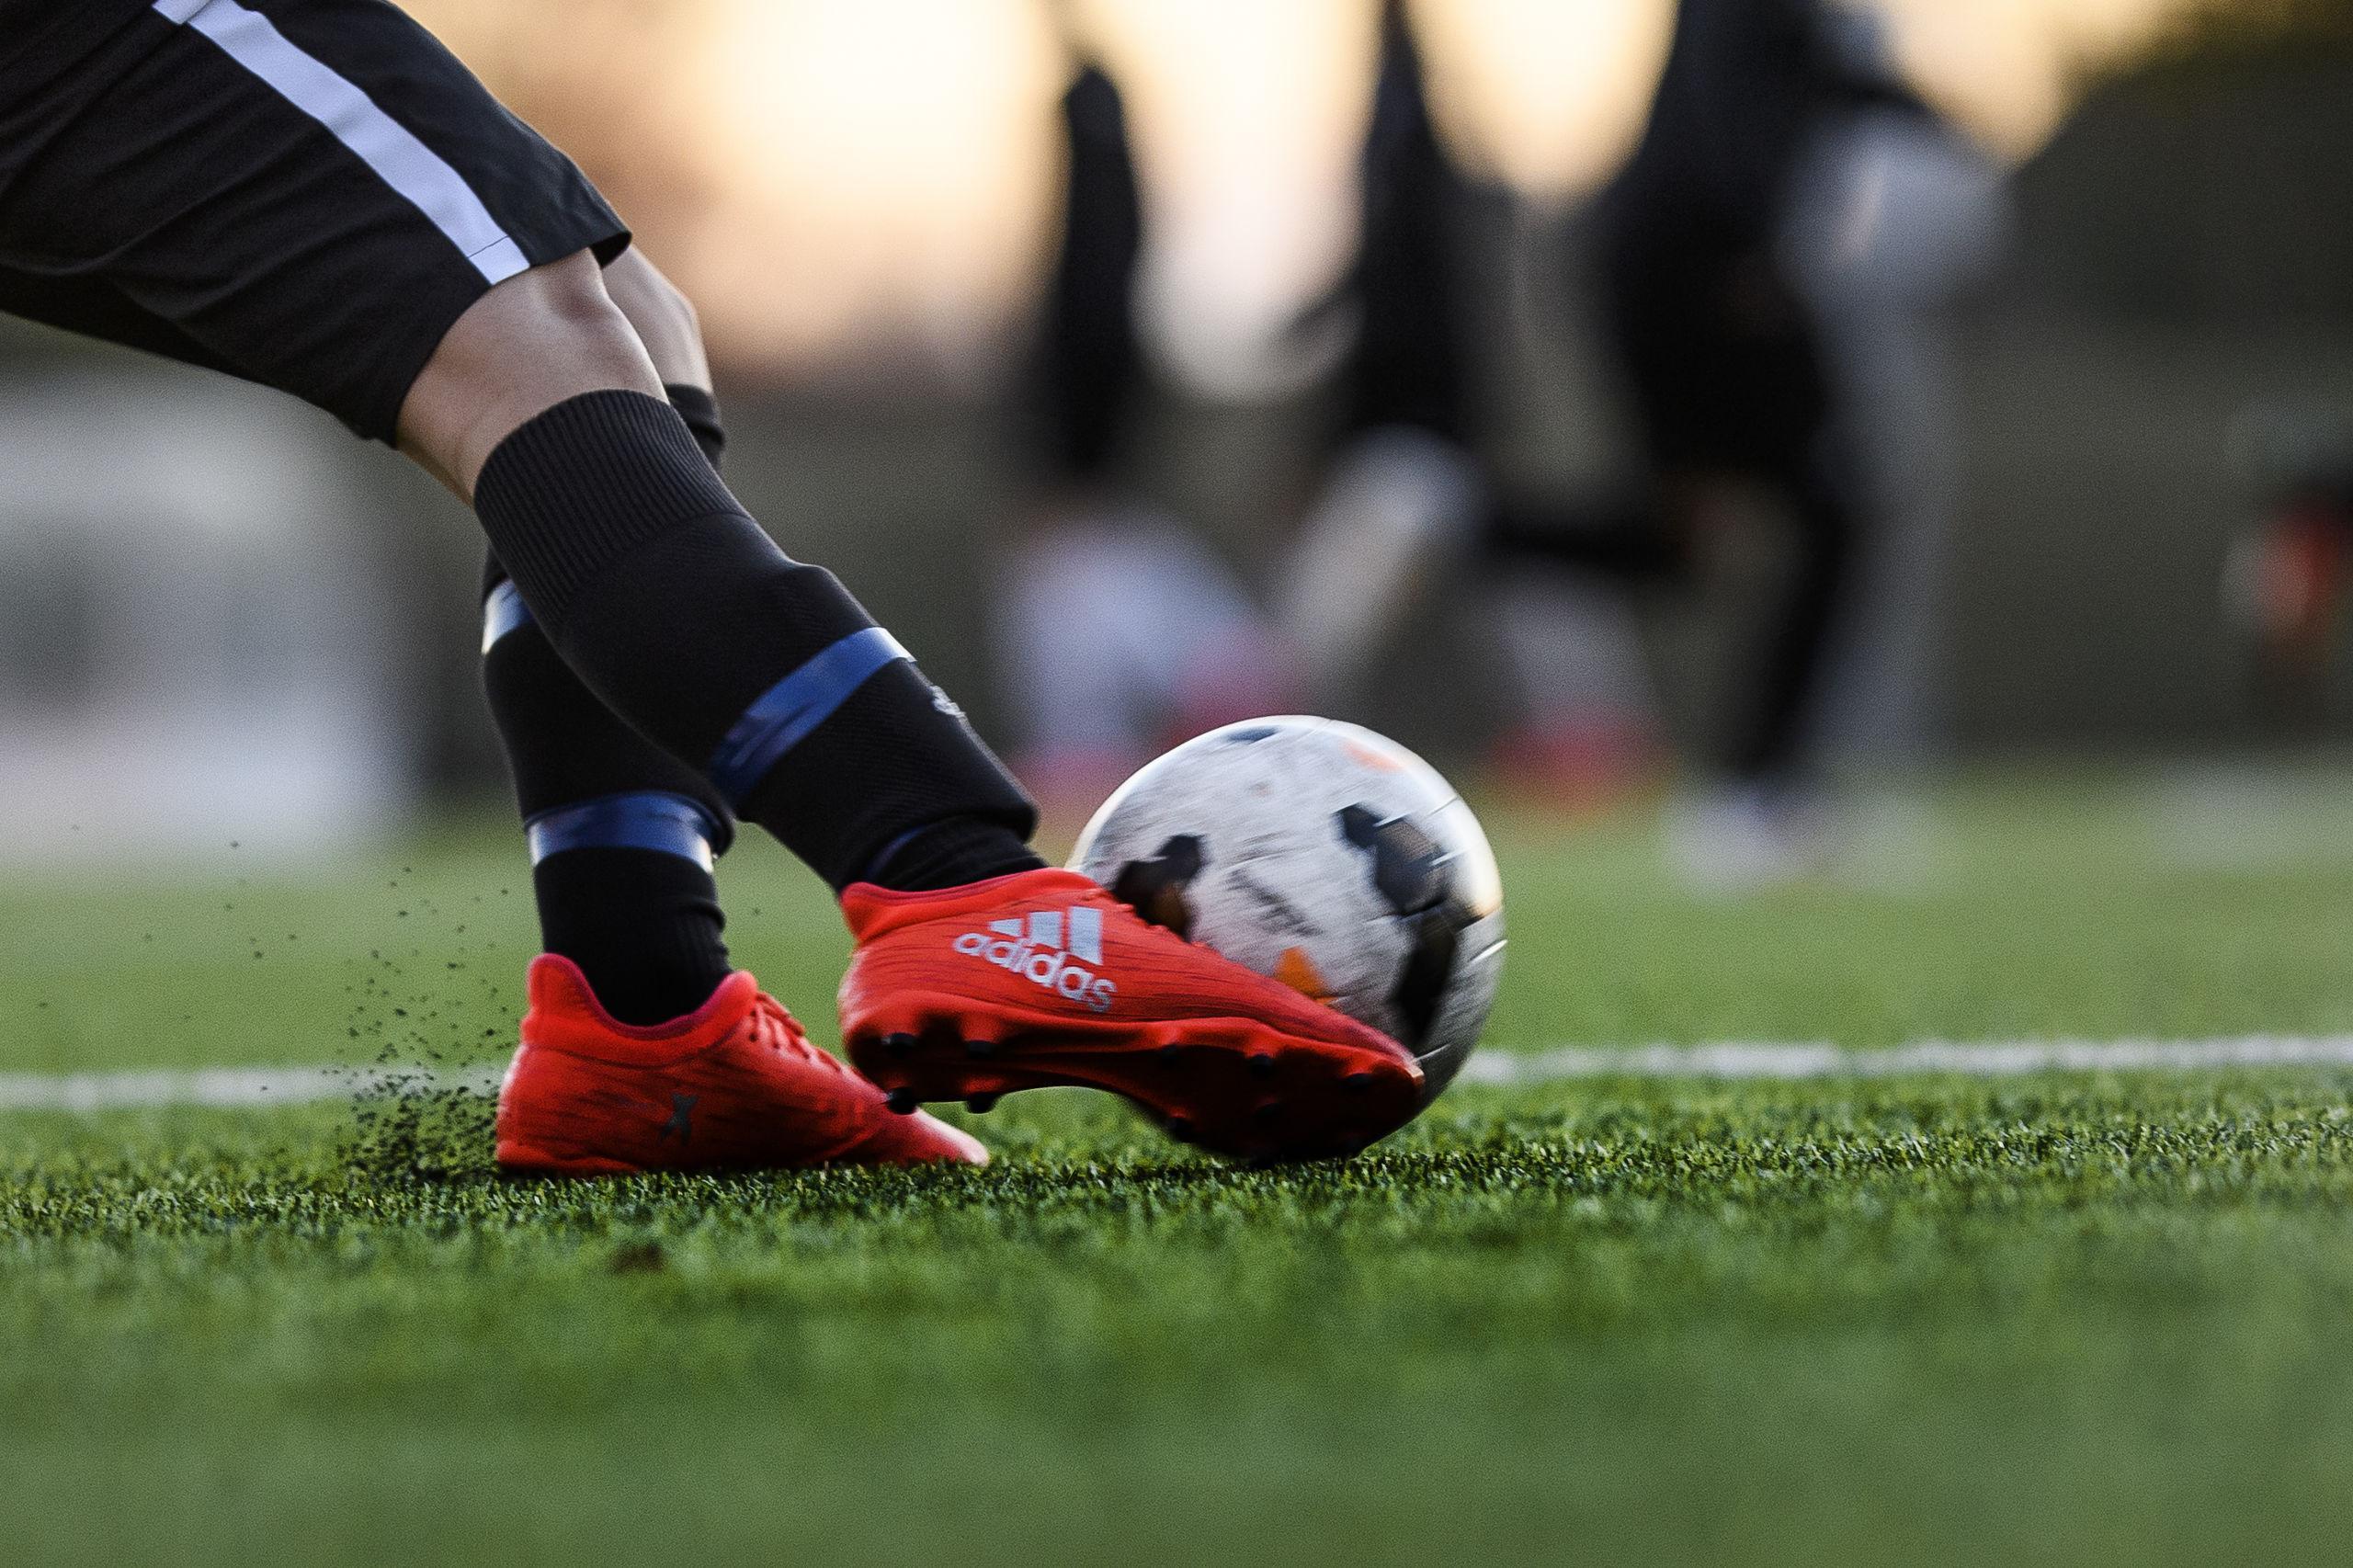 Lokalfotbollen i Göteborg skjuts upp